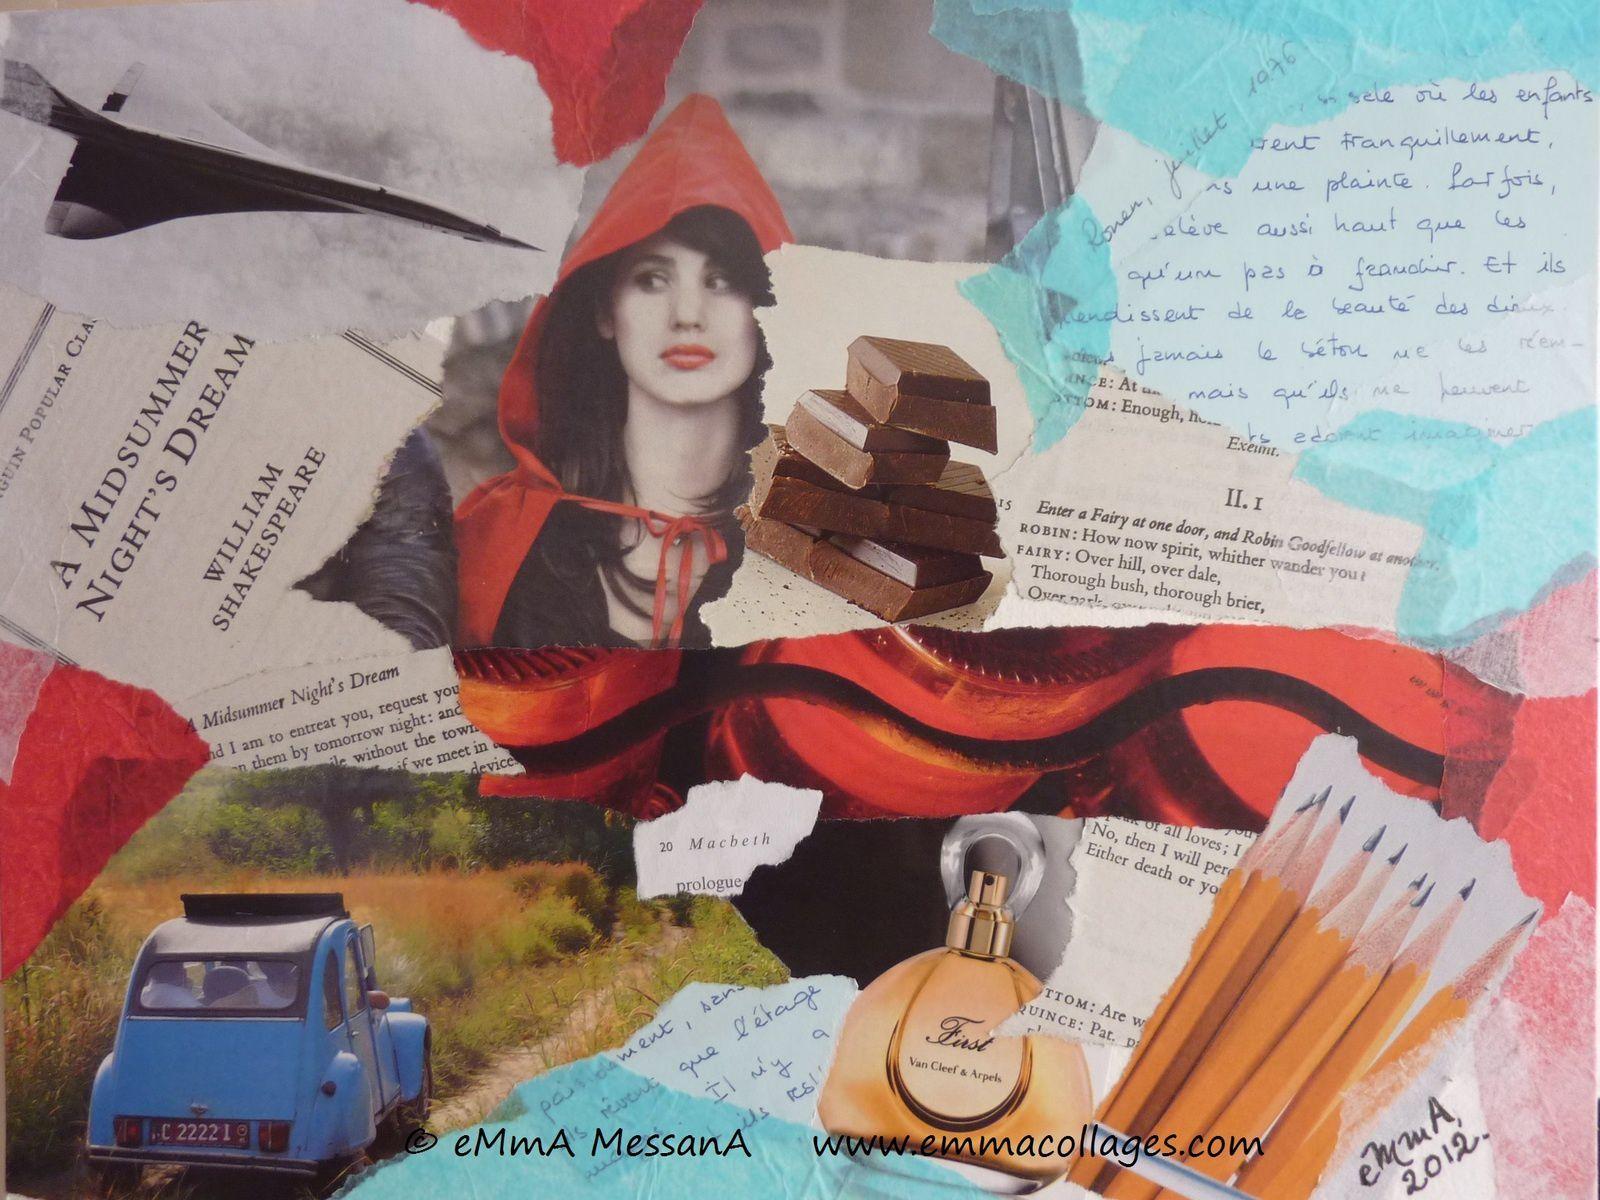 """Les Collages d'eMmA MessanA, collage N°182 """"1976, être ou ne pas être prof d'anglais"""", exemplaire unique © eMmA MessanA"""